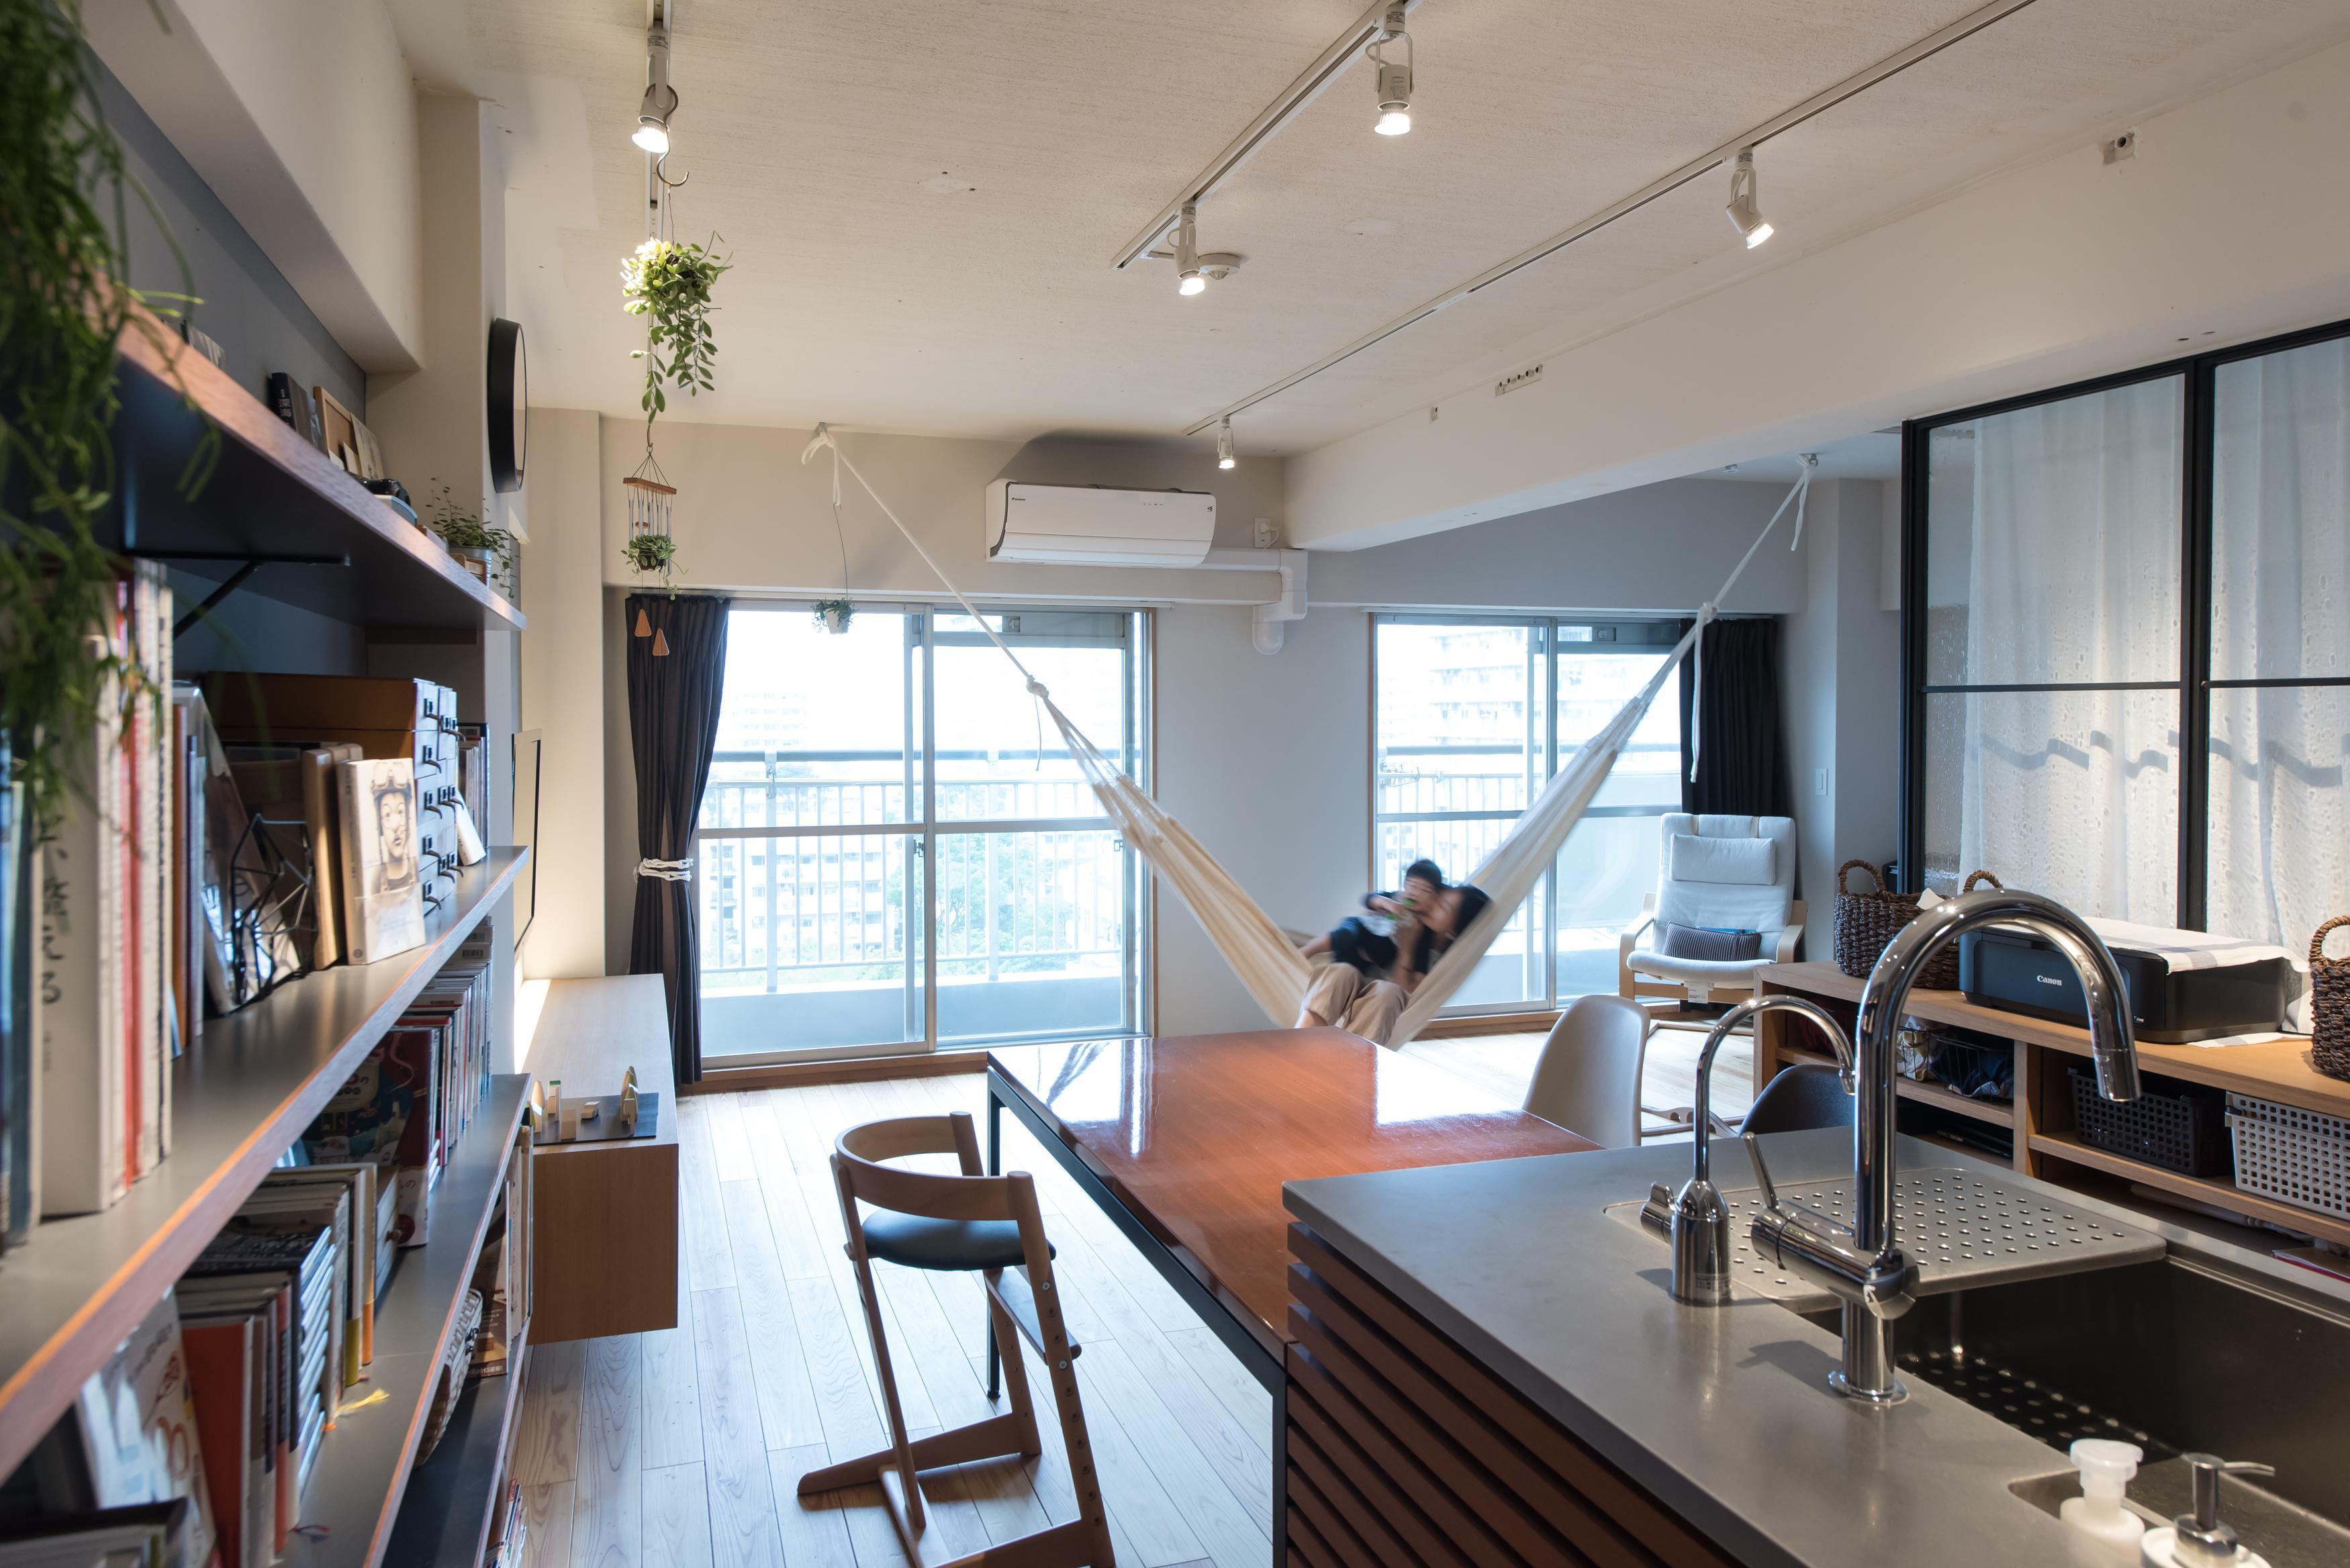 ハンモック、リノベーション、マンションリノベーション、ハンズデザイン一級建築士事務所、リビング